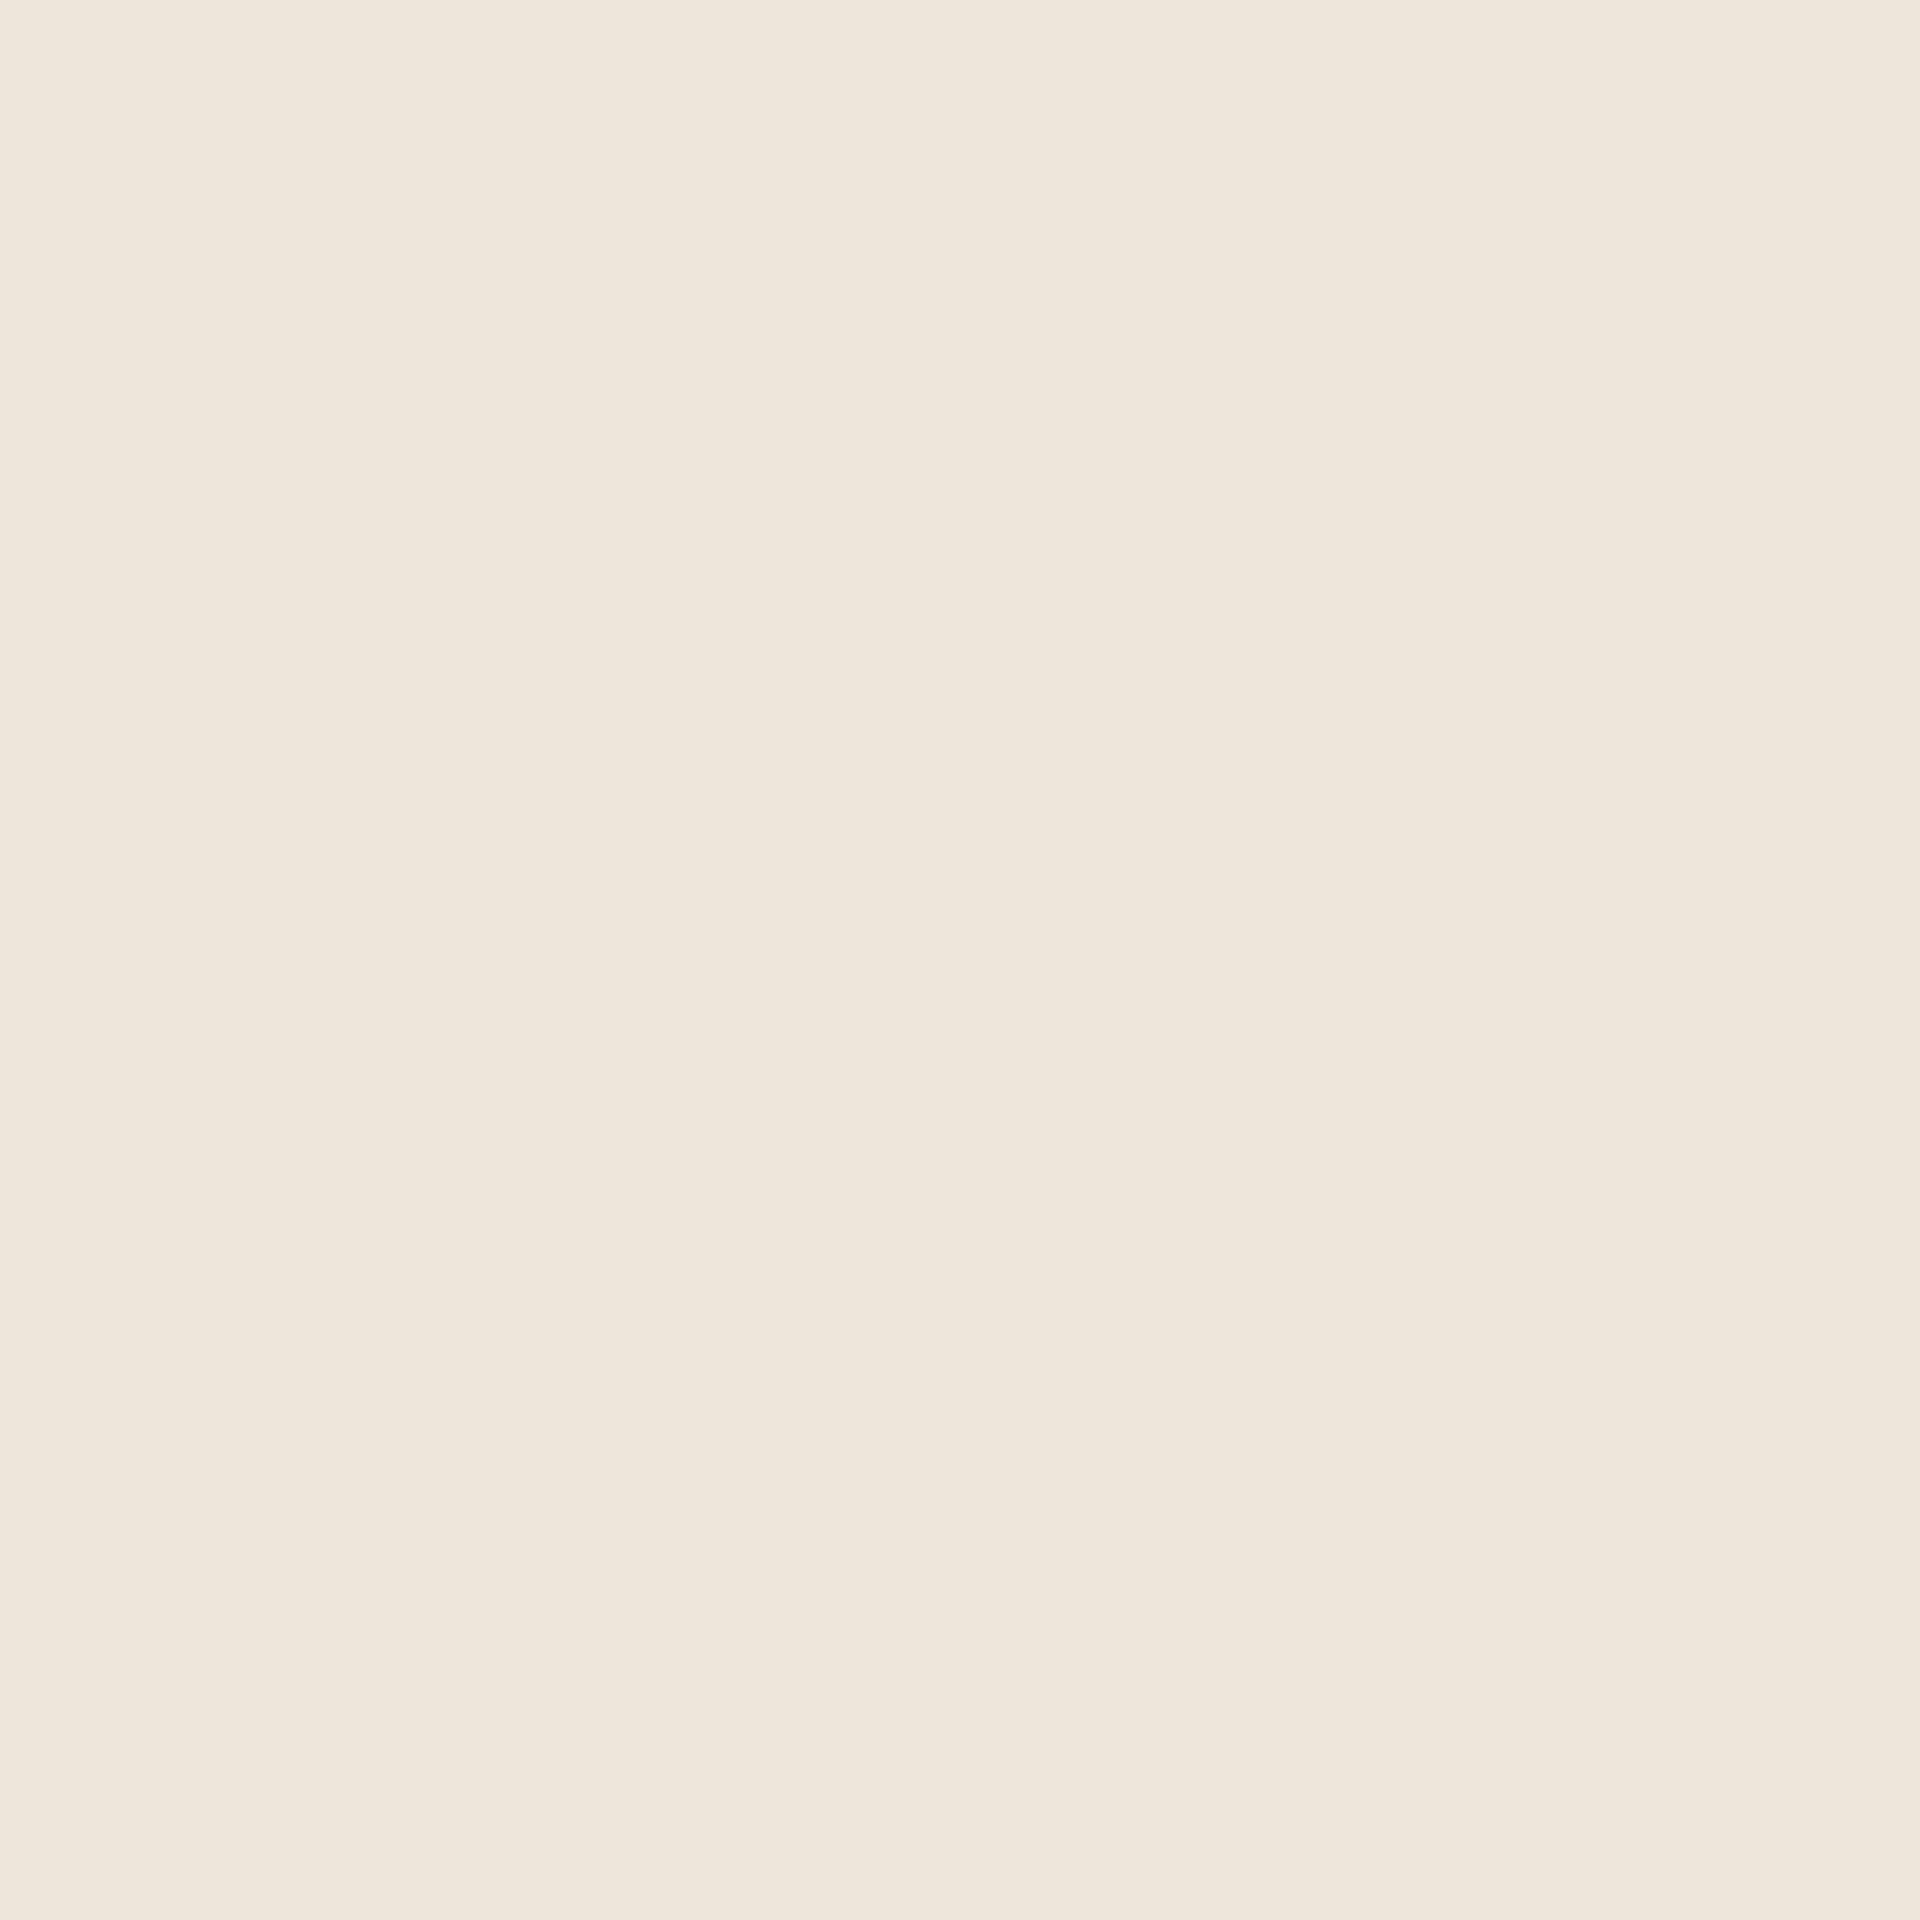 麥星星-雙口味綜合組-40g (7罐入)-紫地瓜、小麥 - 9